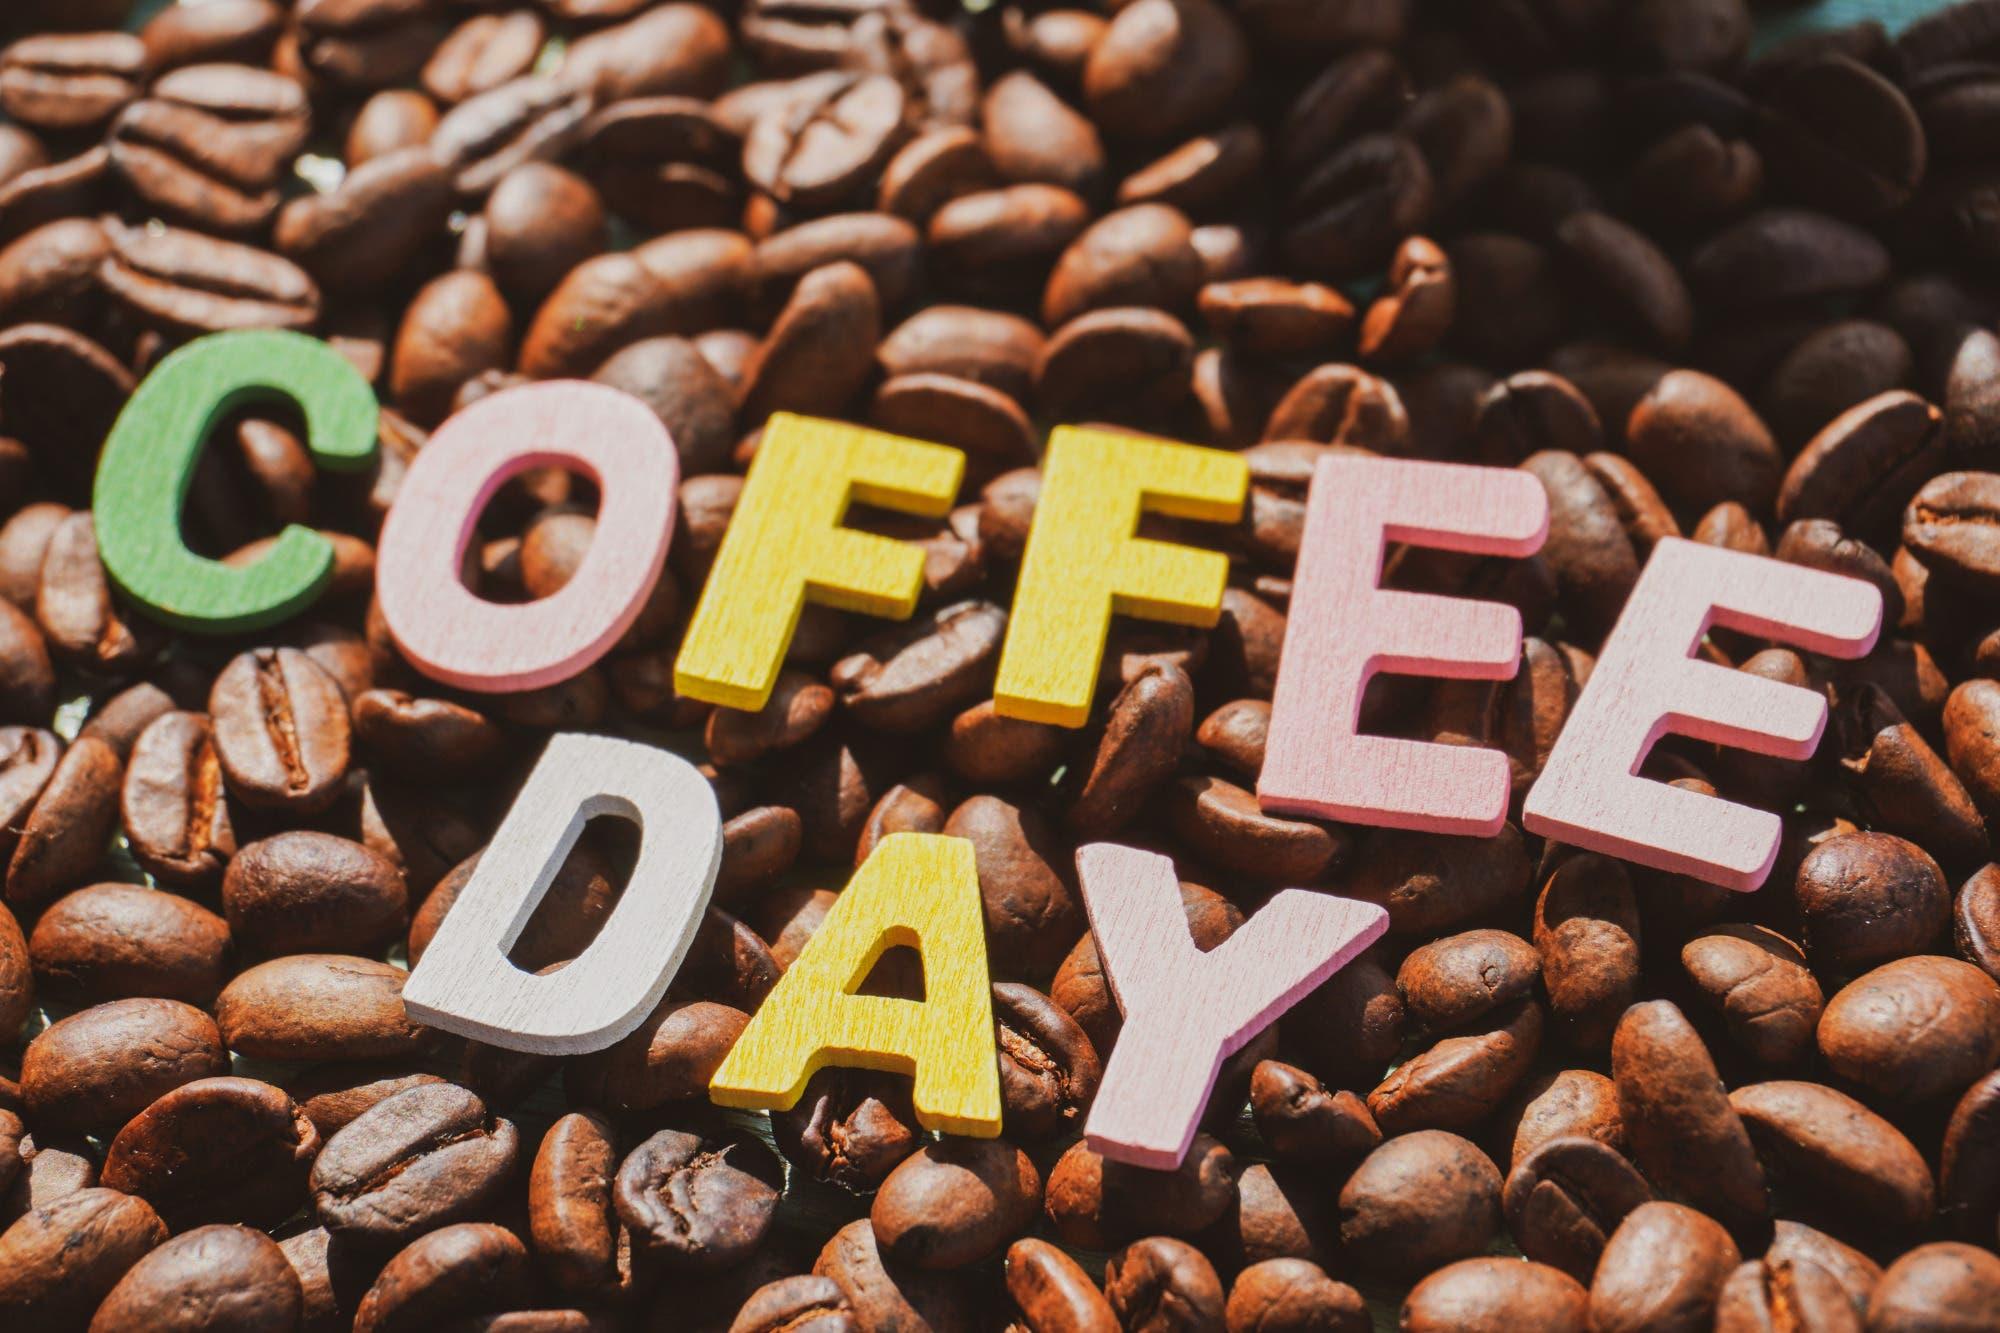 Celebran Día Internacional del Café consumiendo 165 millones de sacos